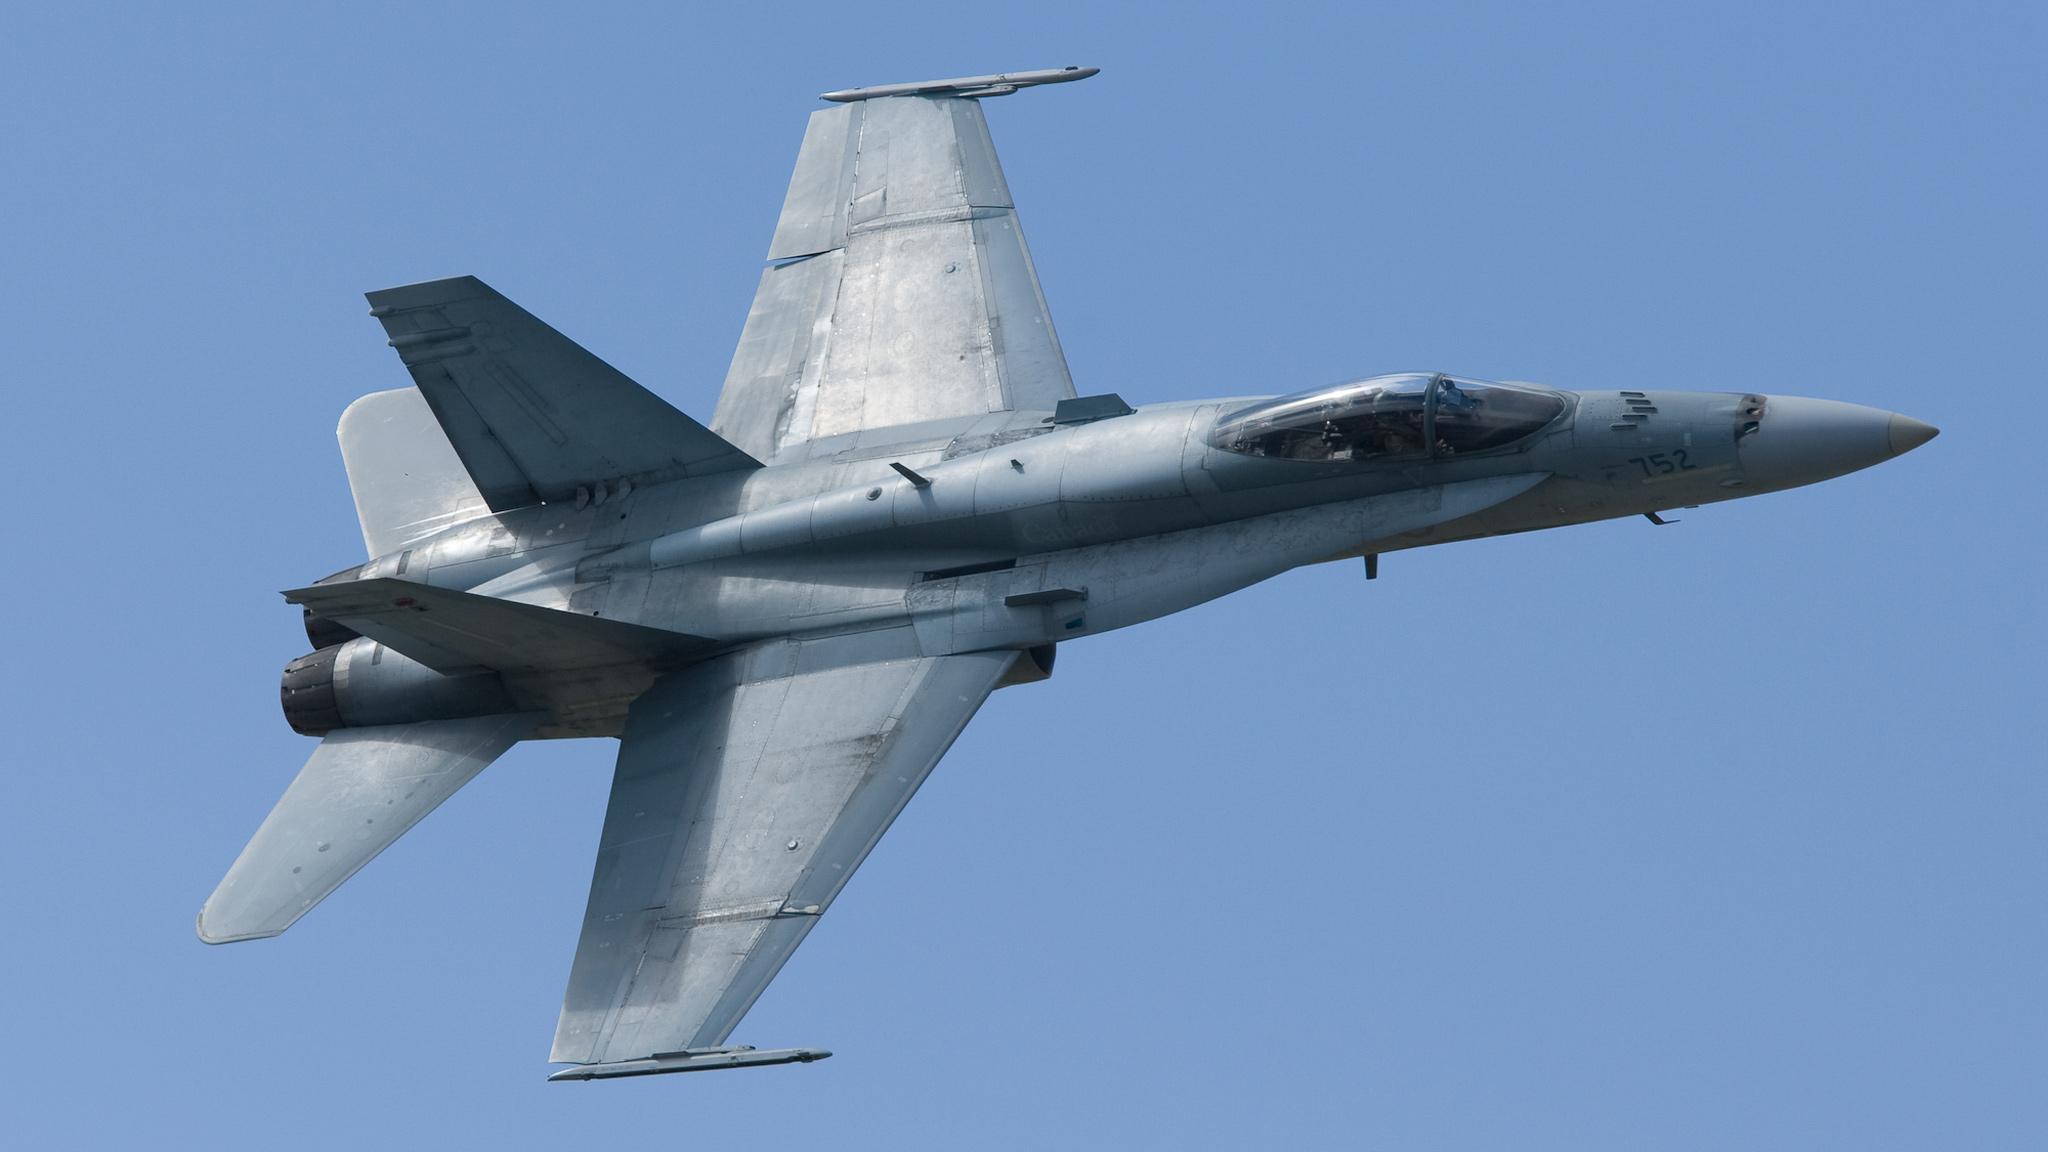 CF 18 Hornet - 2048x1152.